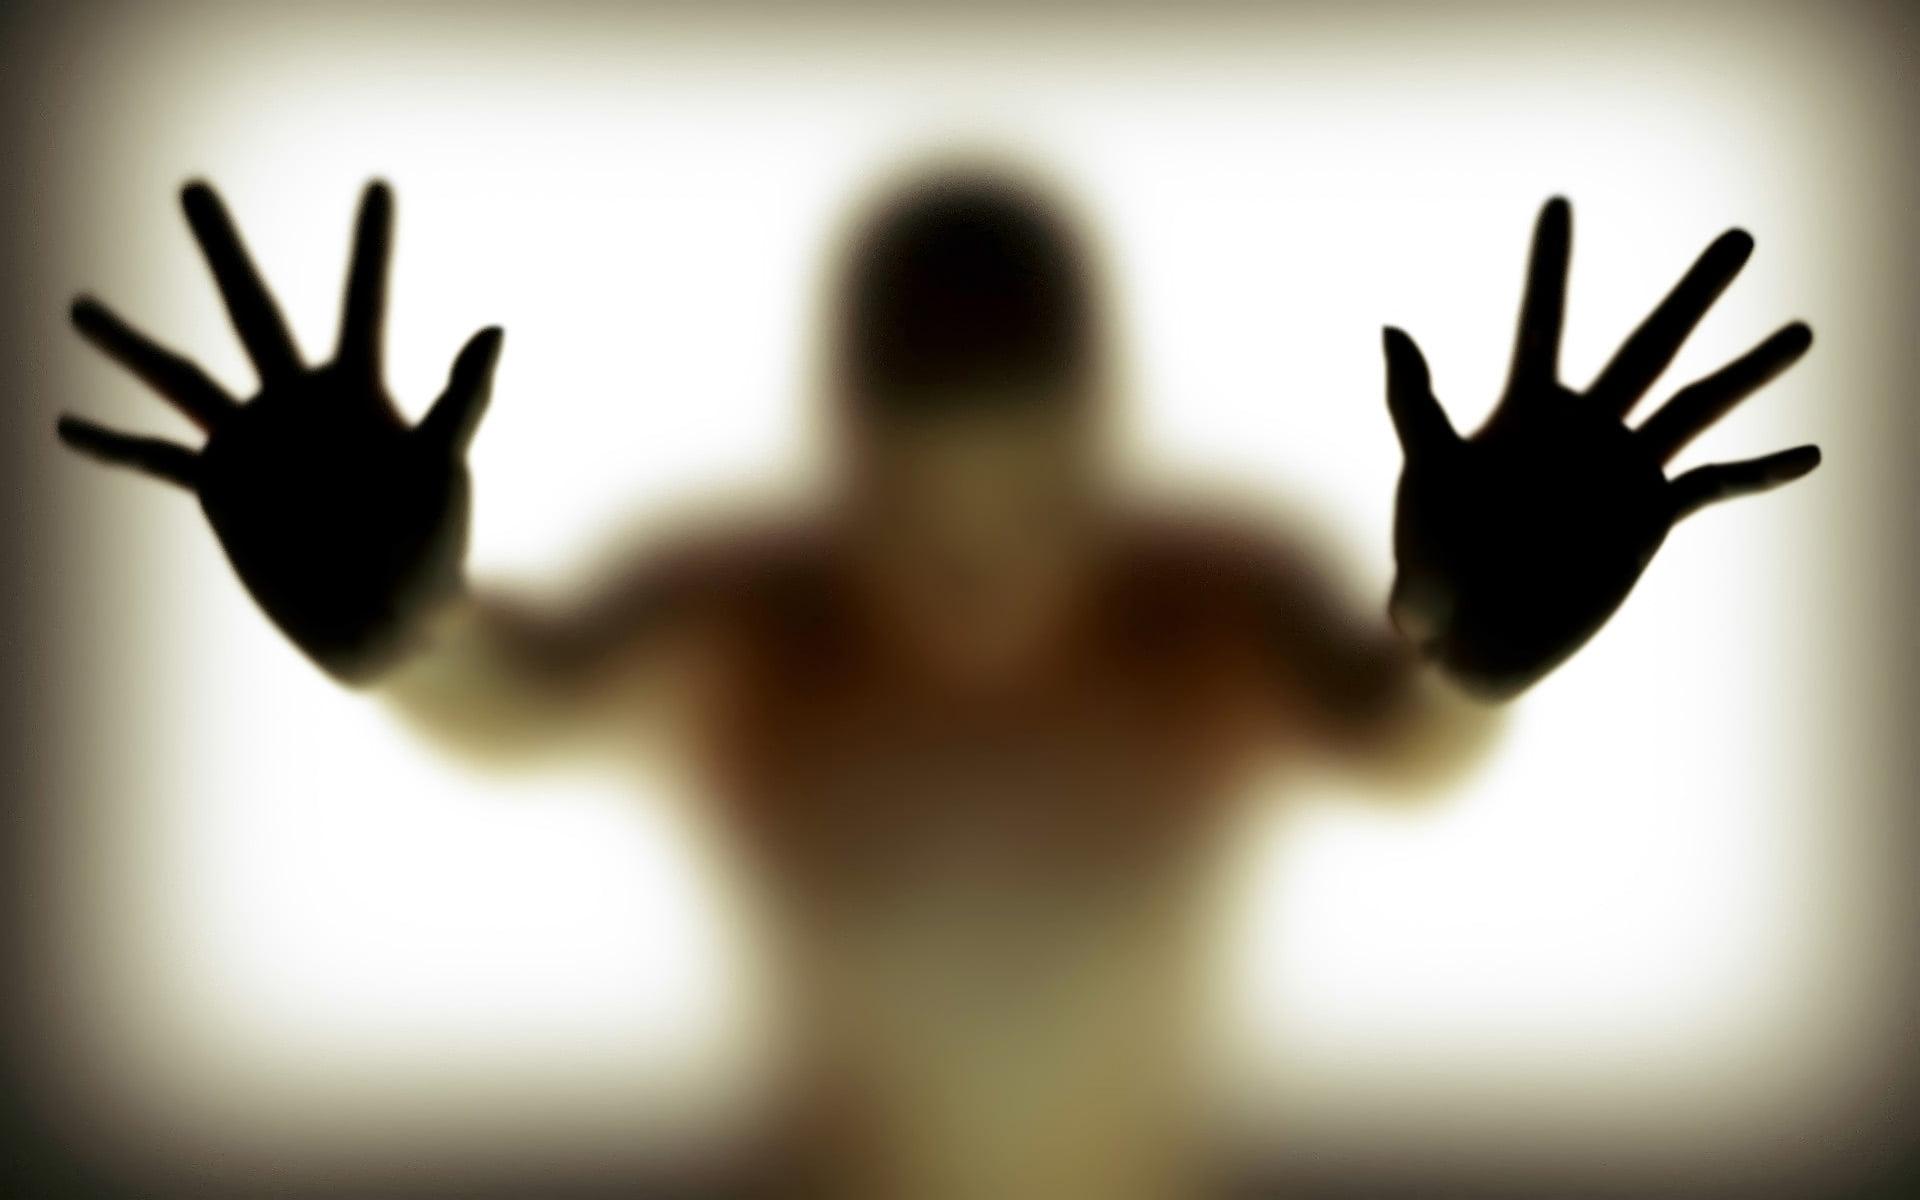 تجاوز - سوءاستفاده جنسی داکتر پوهنتون از ۱۸۰ محصل پسر!